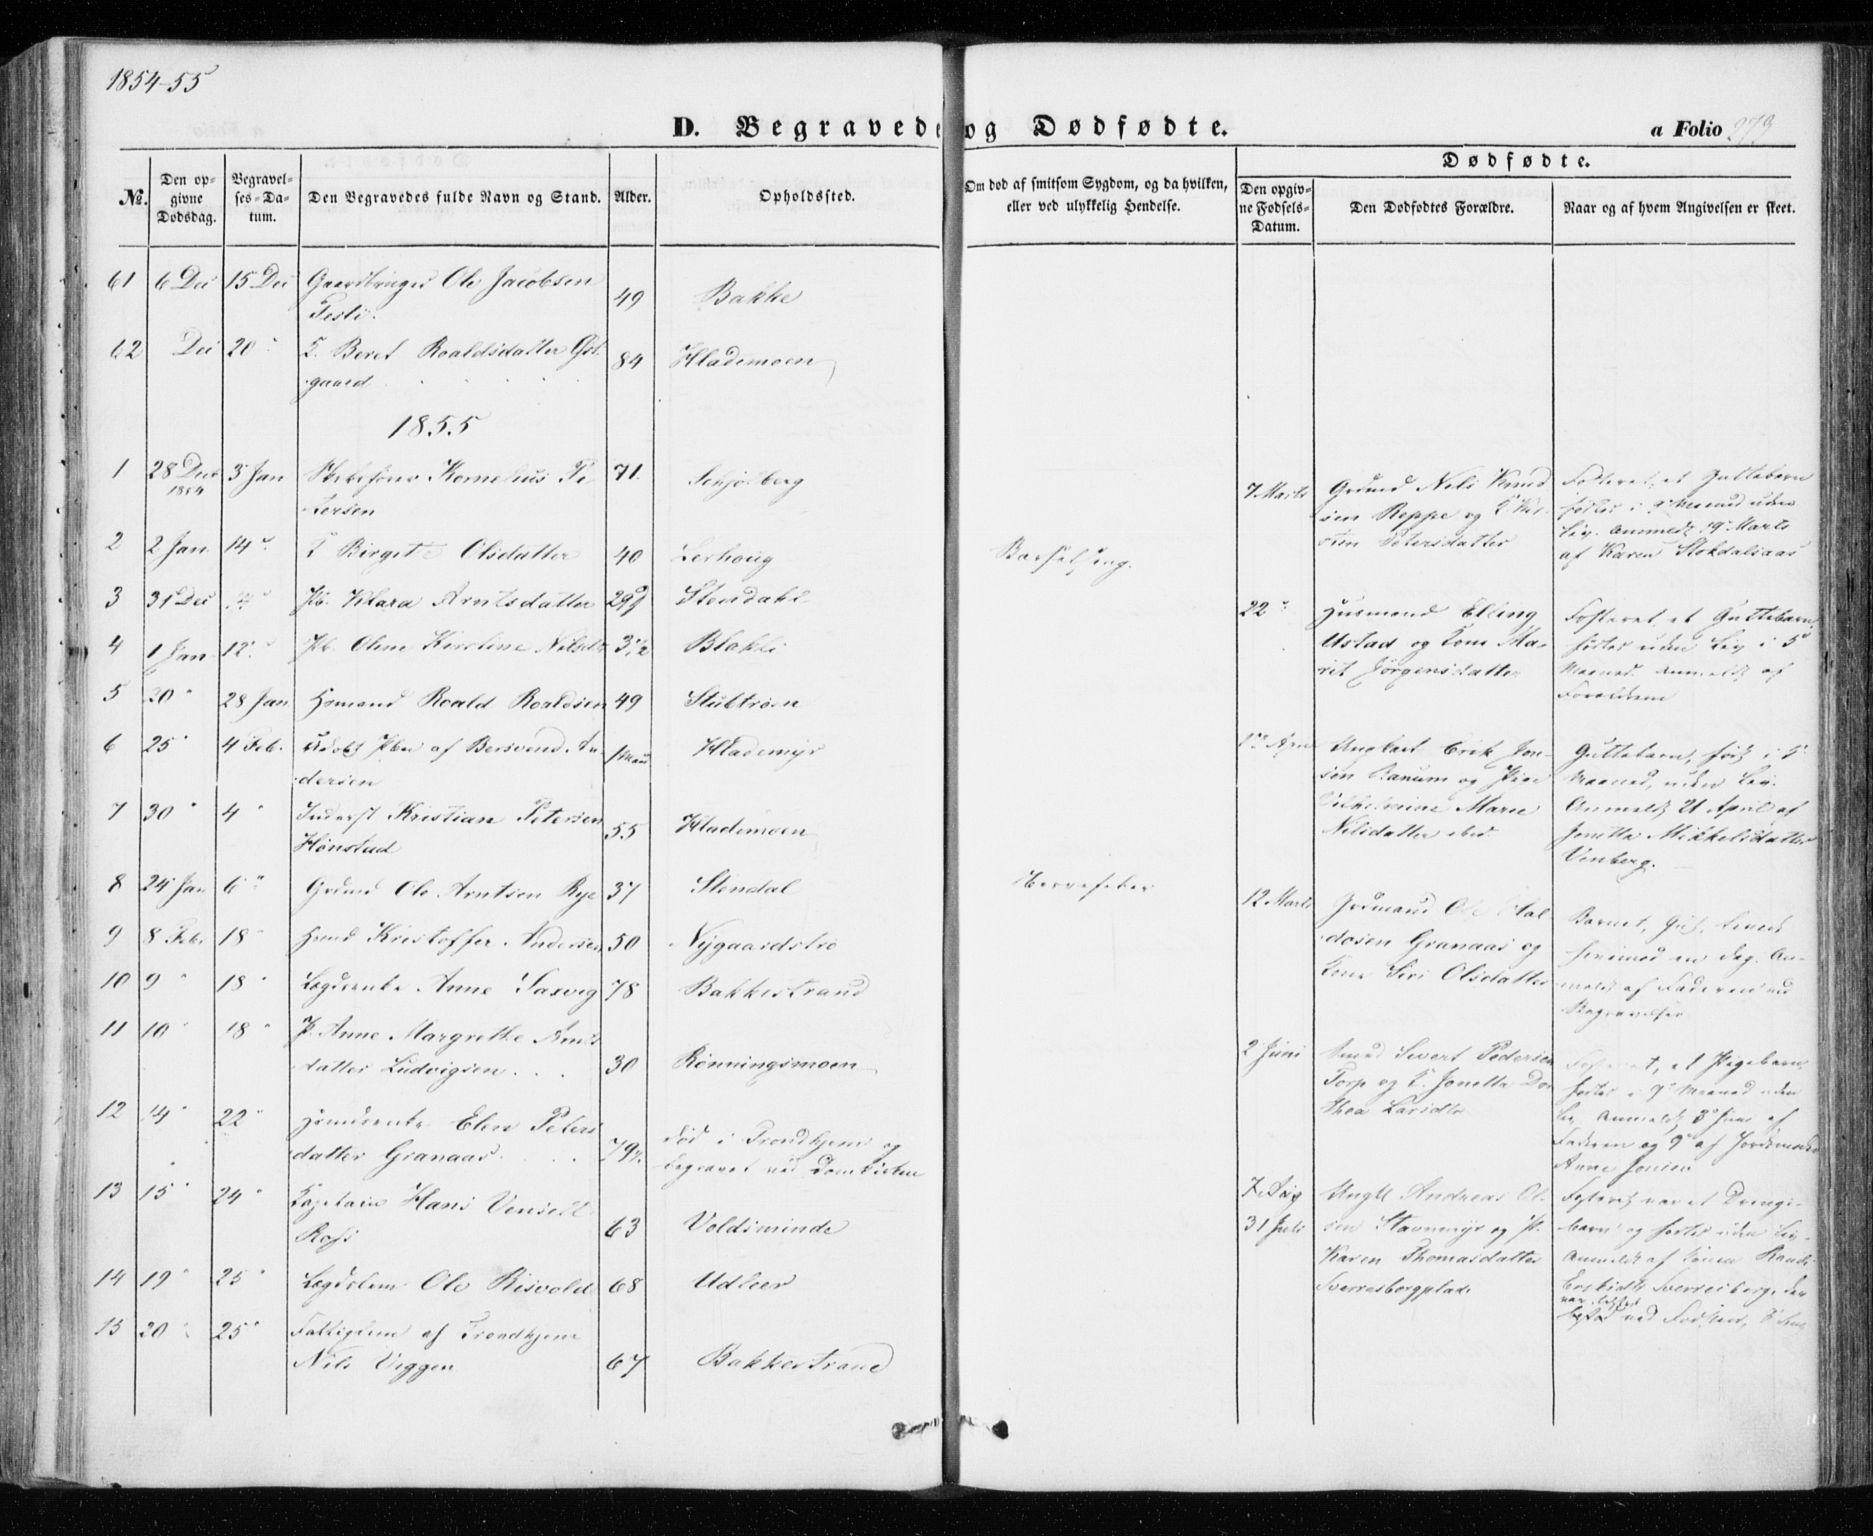 SAT, Ministerialprotokoller, klokkerbøker og fødselsregistre - Sør-Trøndelag, 606/L0291: Ministerialbok nr. 606A06, 1848-1856, s. 273